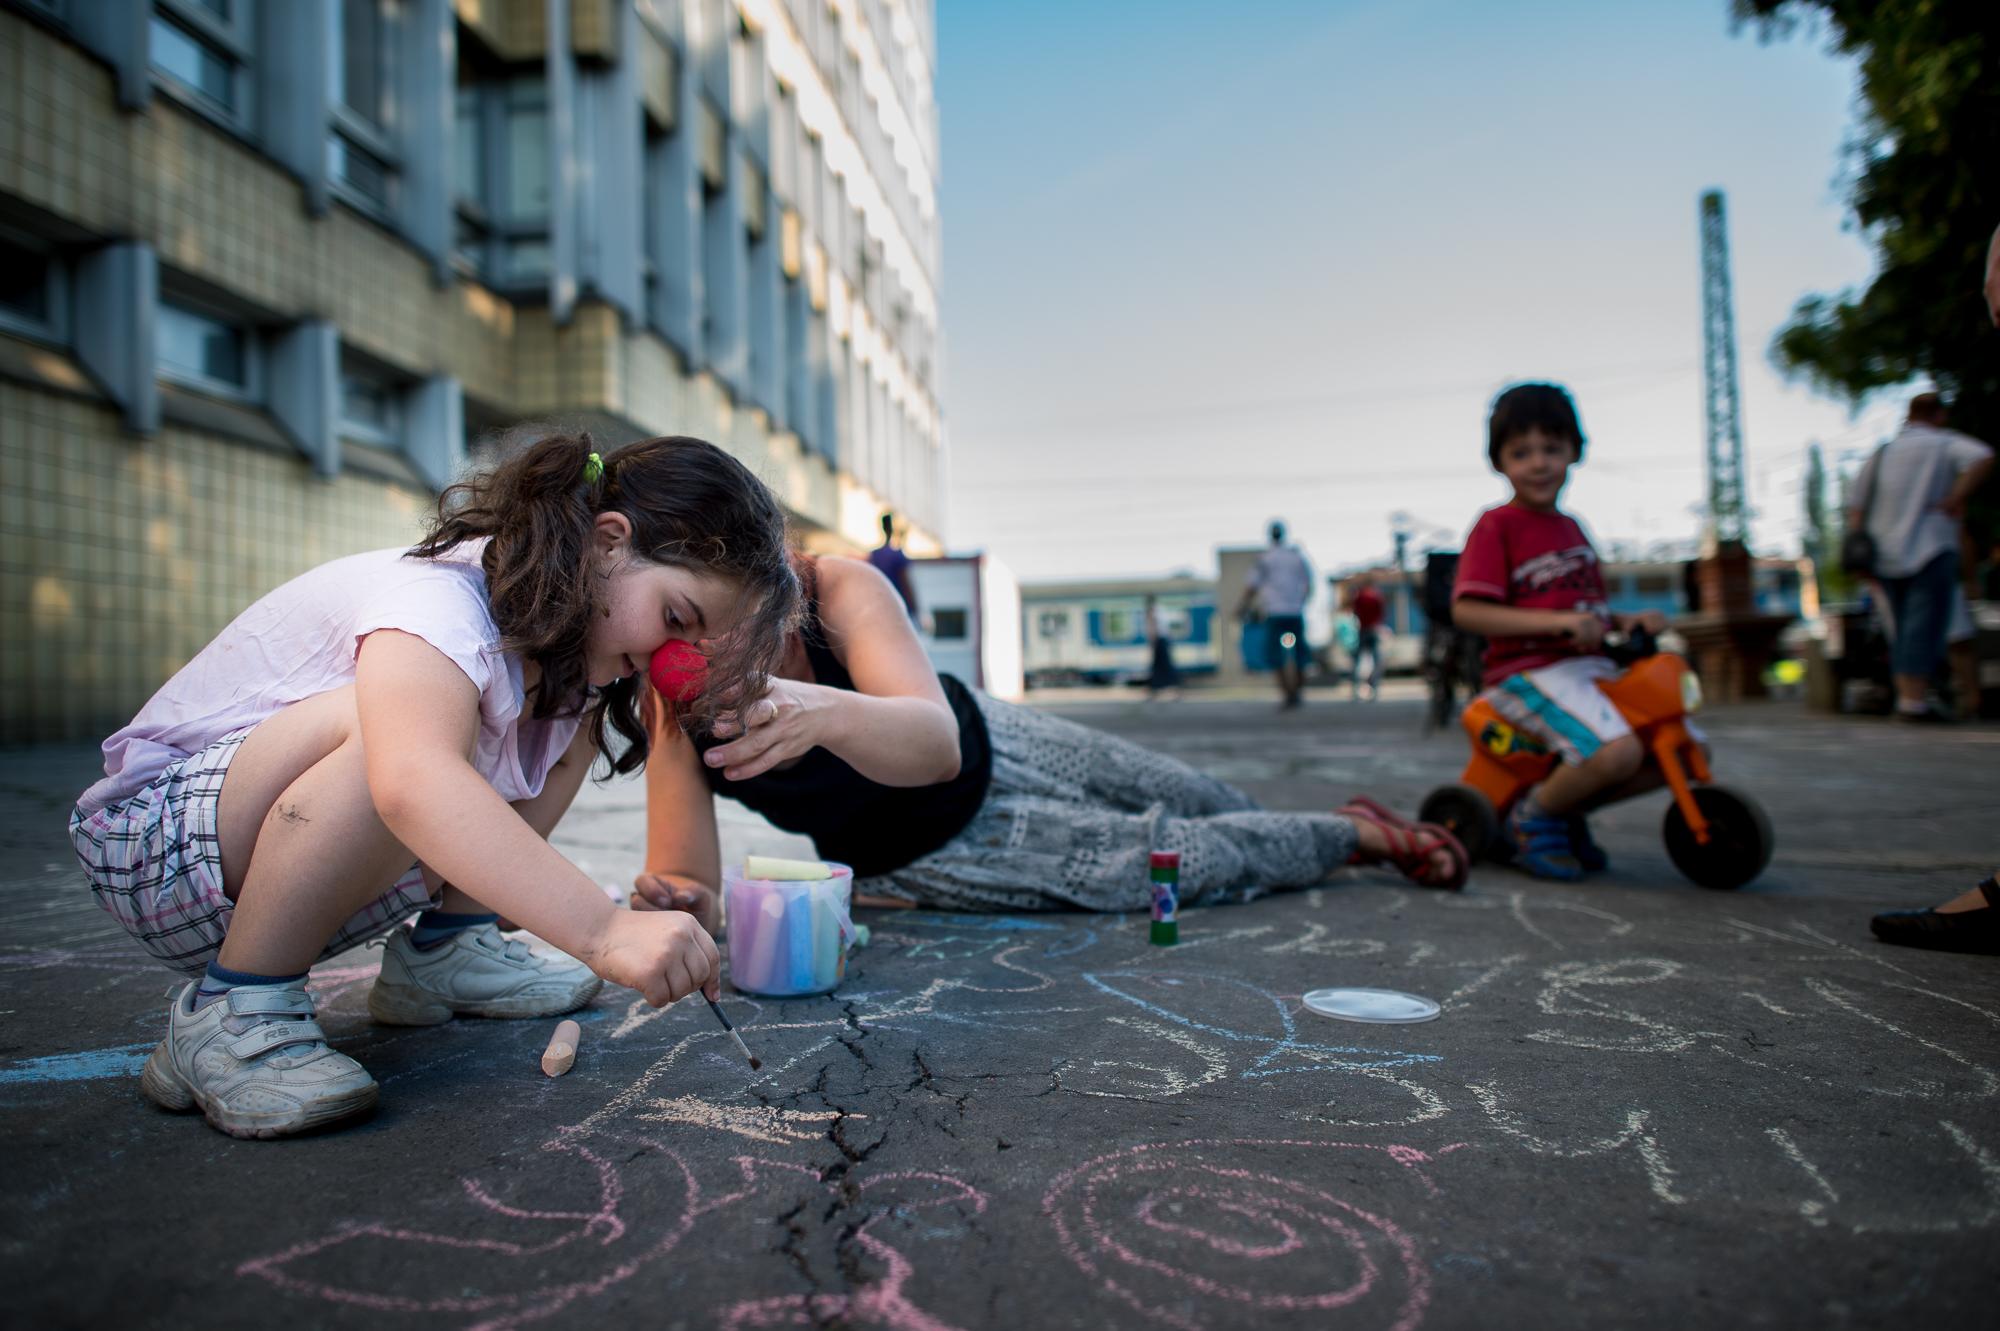 Egy szír menekült kislány rajzol az asztfaltra a civilek által működő várakozó helyen a pécsi vasútállomás mellett 2015. augusztus 31-én.